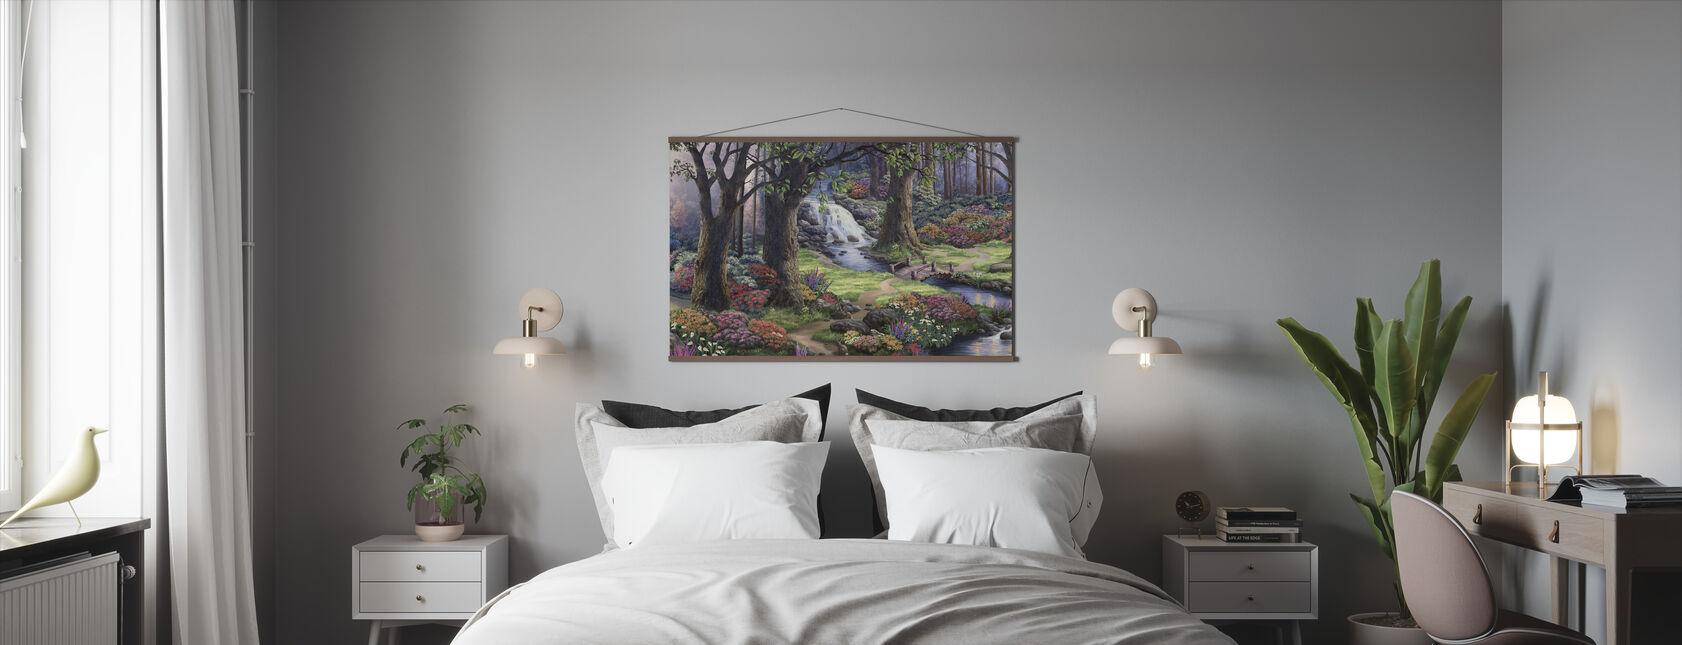 Drømmende landskab - Plakat - Soveværelse